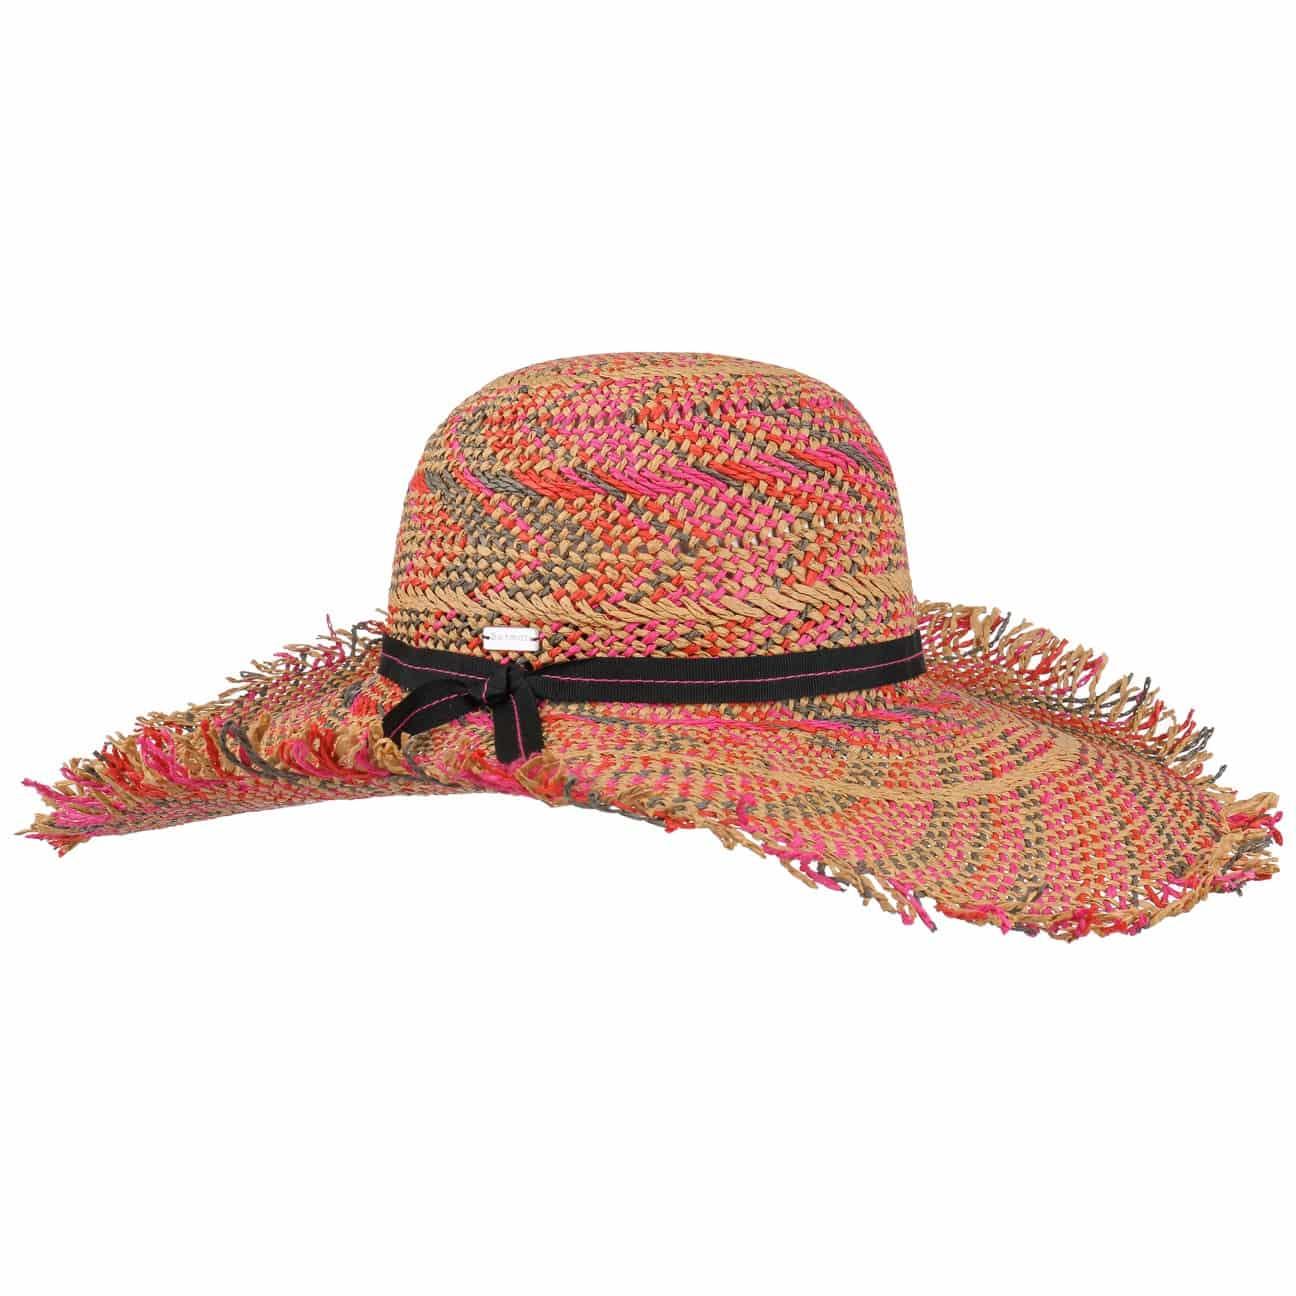 Sombrero de ala Ancha Tulum by Betmar  sombrero de sol